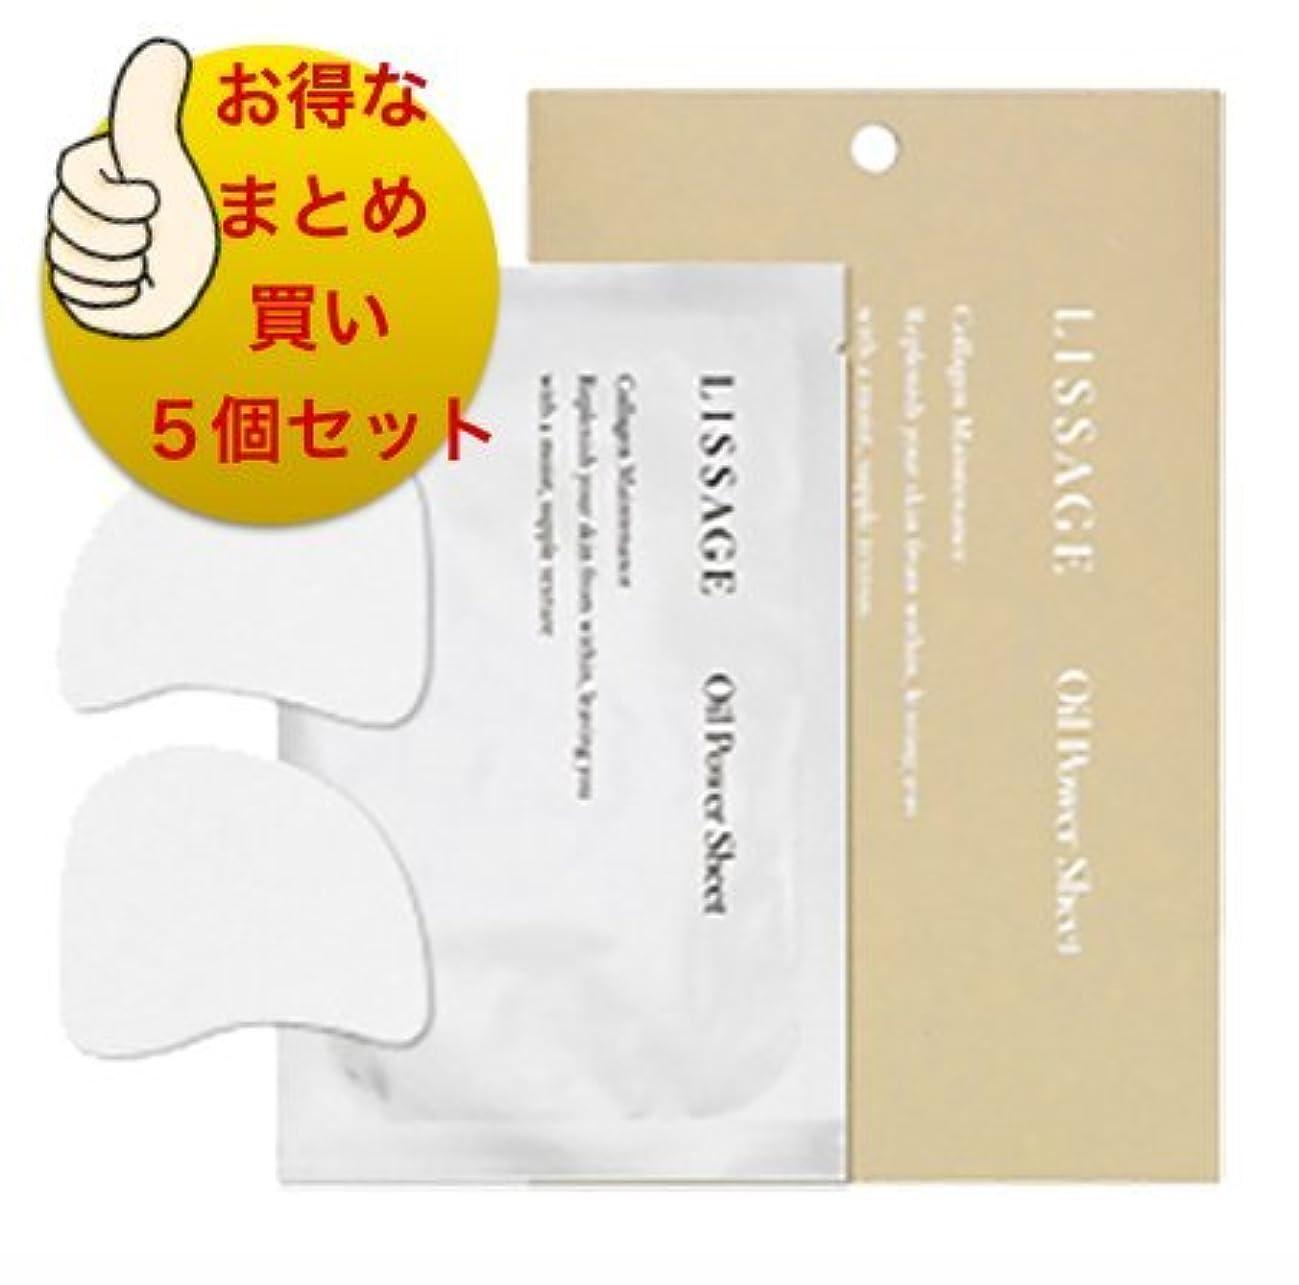 チートマーケティング取り出す【リサージ】LISSAGE (リサージ) オイルパワーシート (3セット (6枚)) .の5個まとめ買いセット